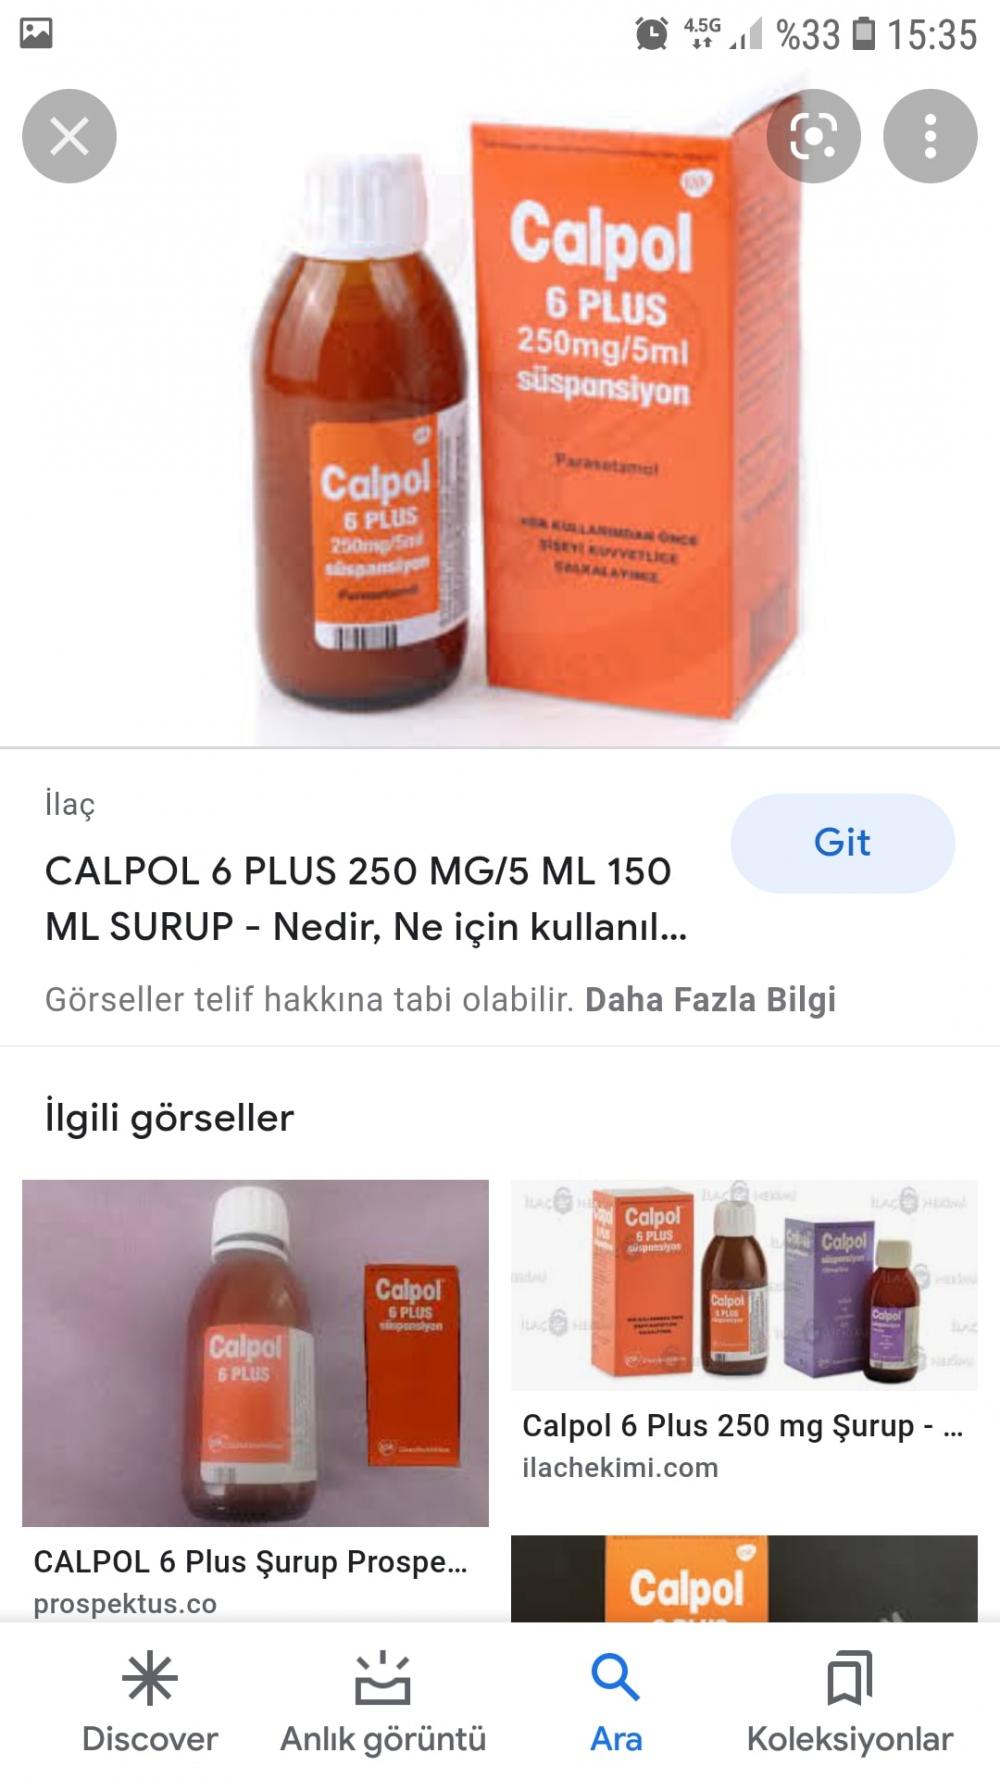 Calpol 6 plus kaç yaş aralığı çocuklara verilmelidir